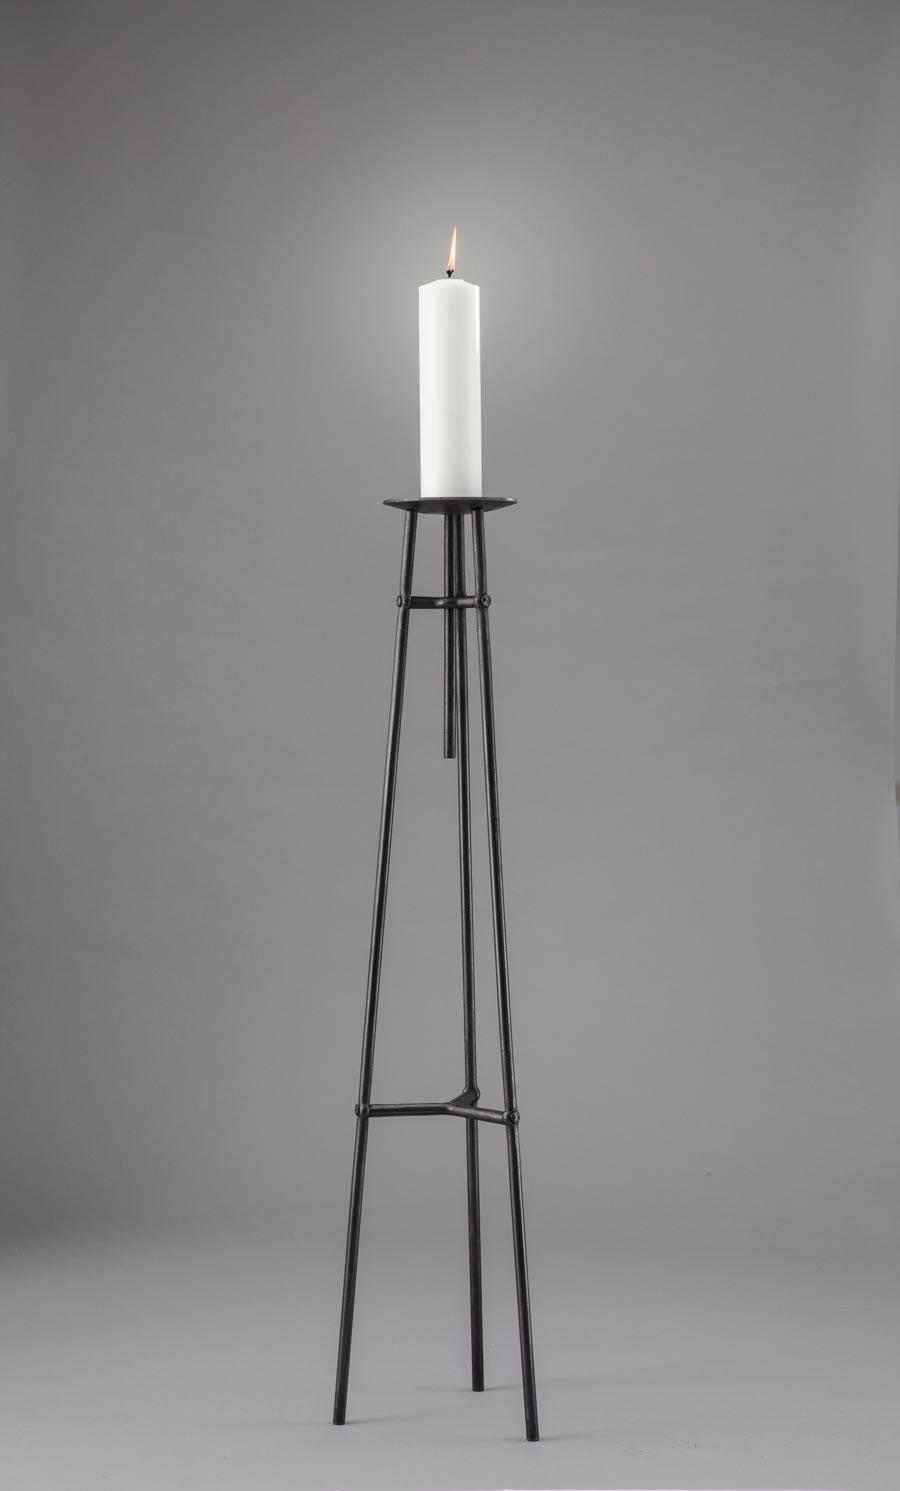 Enkel modern staka till ett stort ljus. 120 cm hög utan ljus.